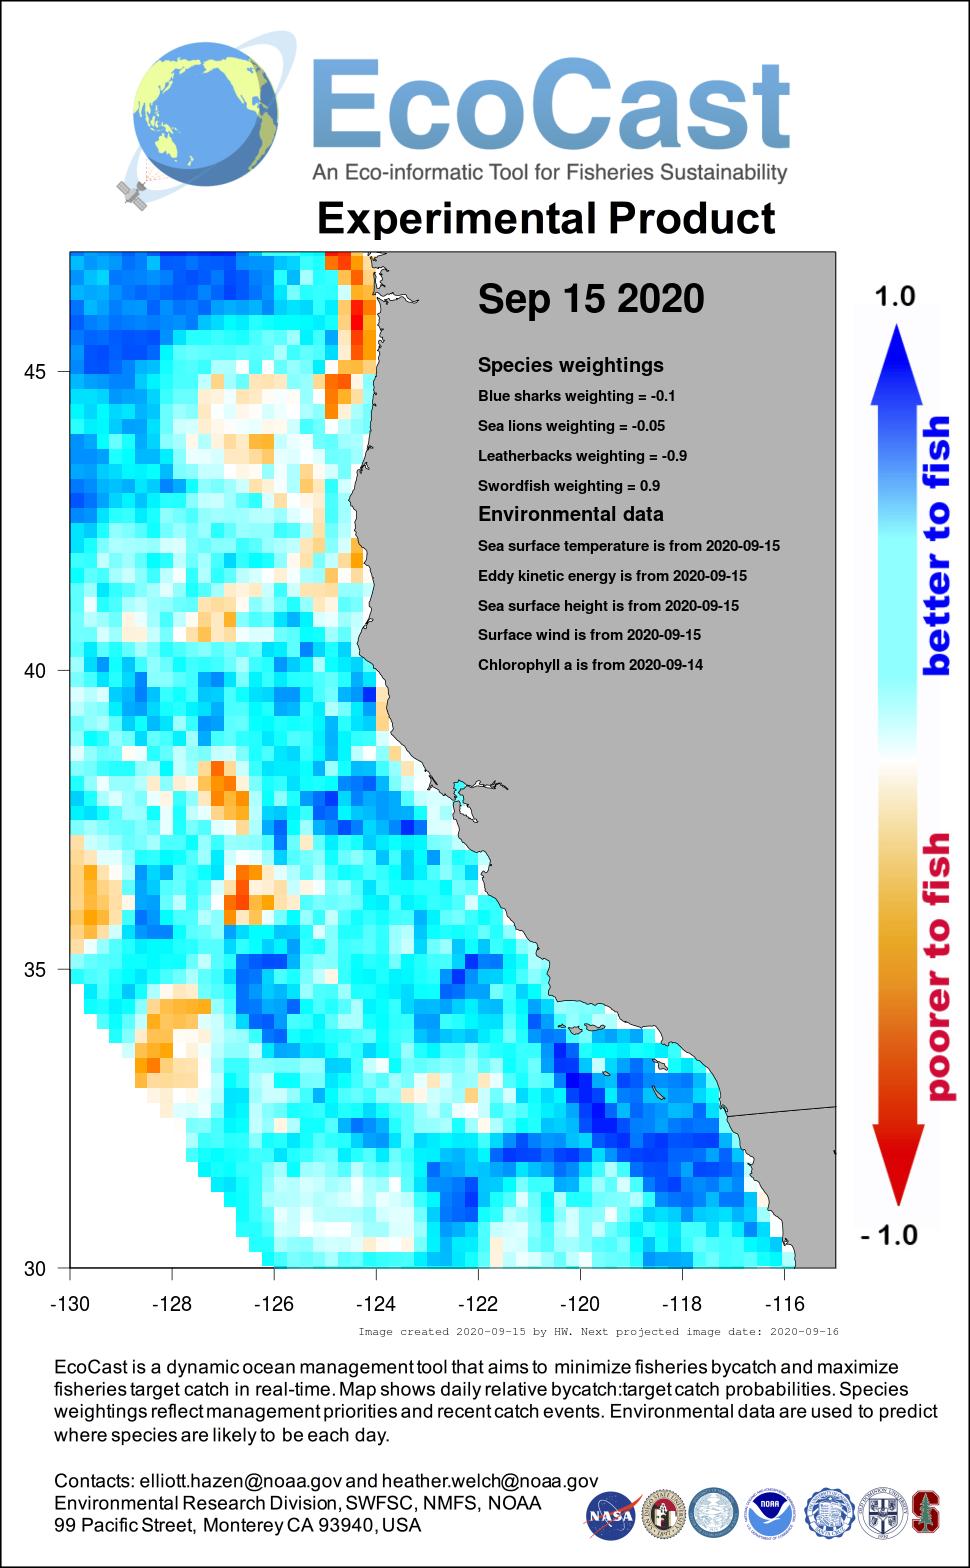 Screenshot of the EcoCast predictive model